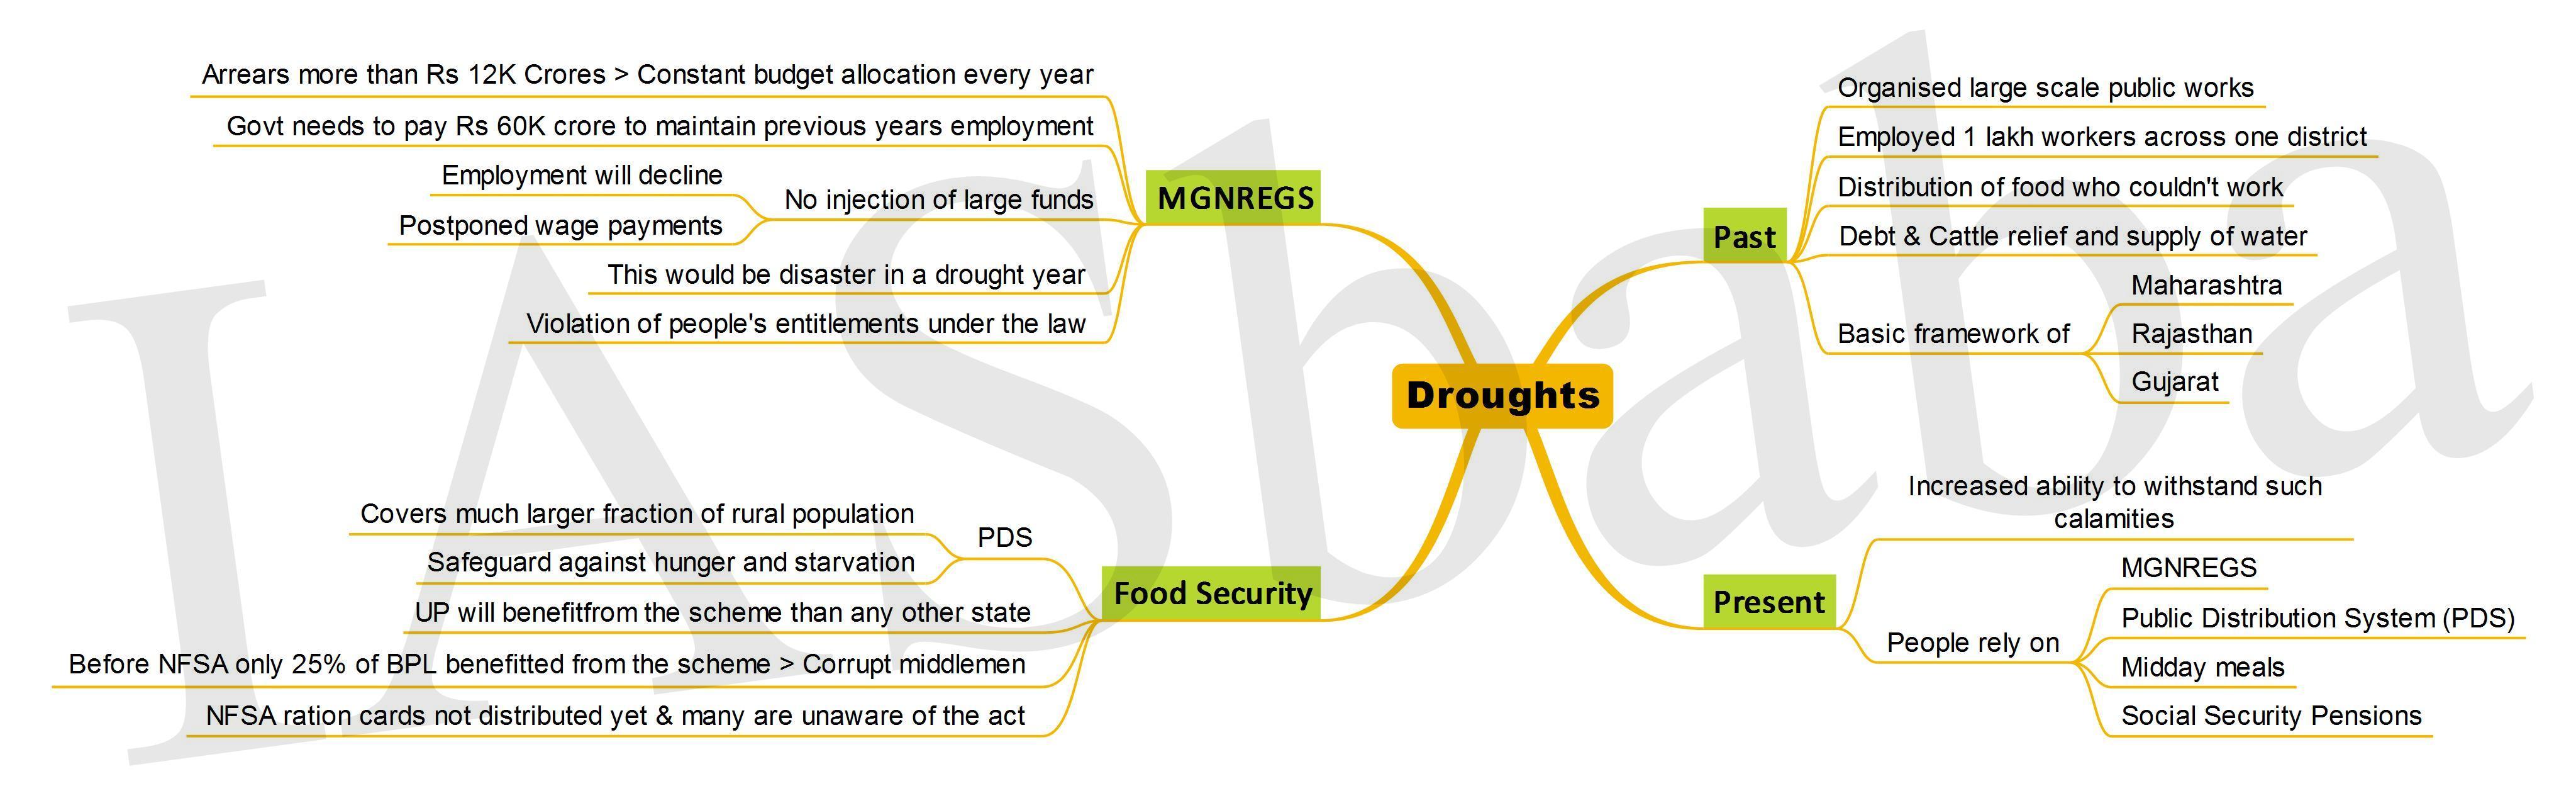 Droughts-IASbaba